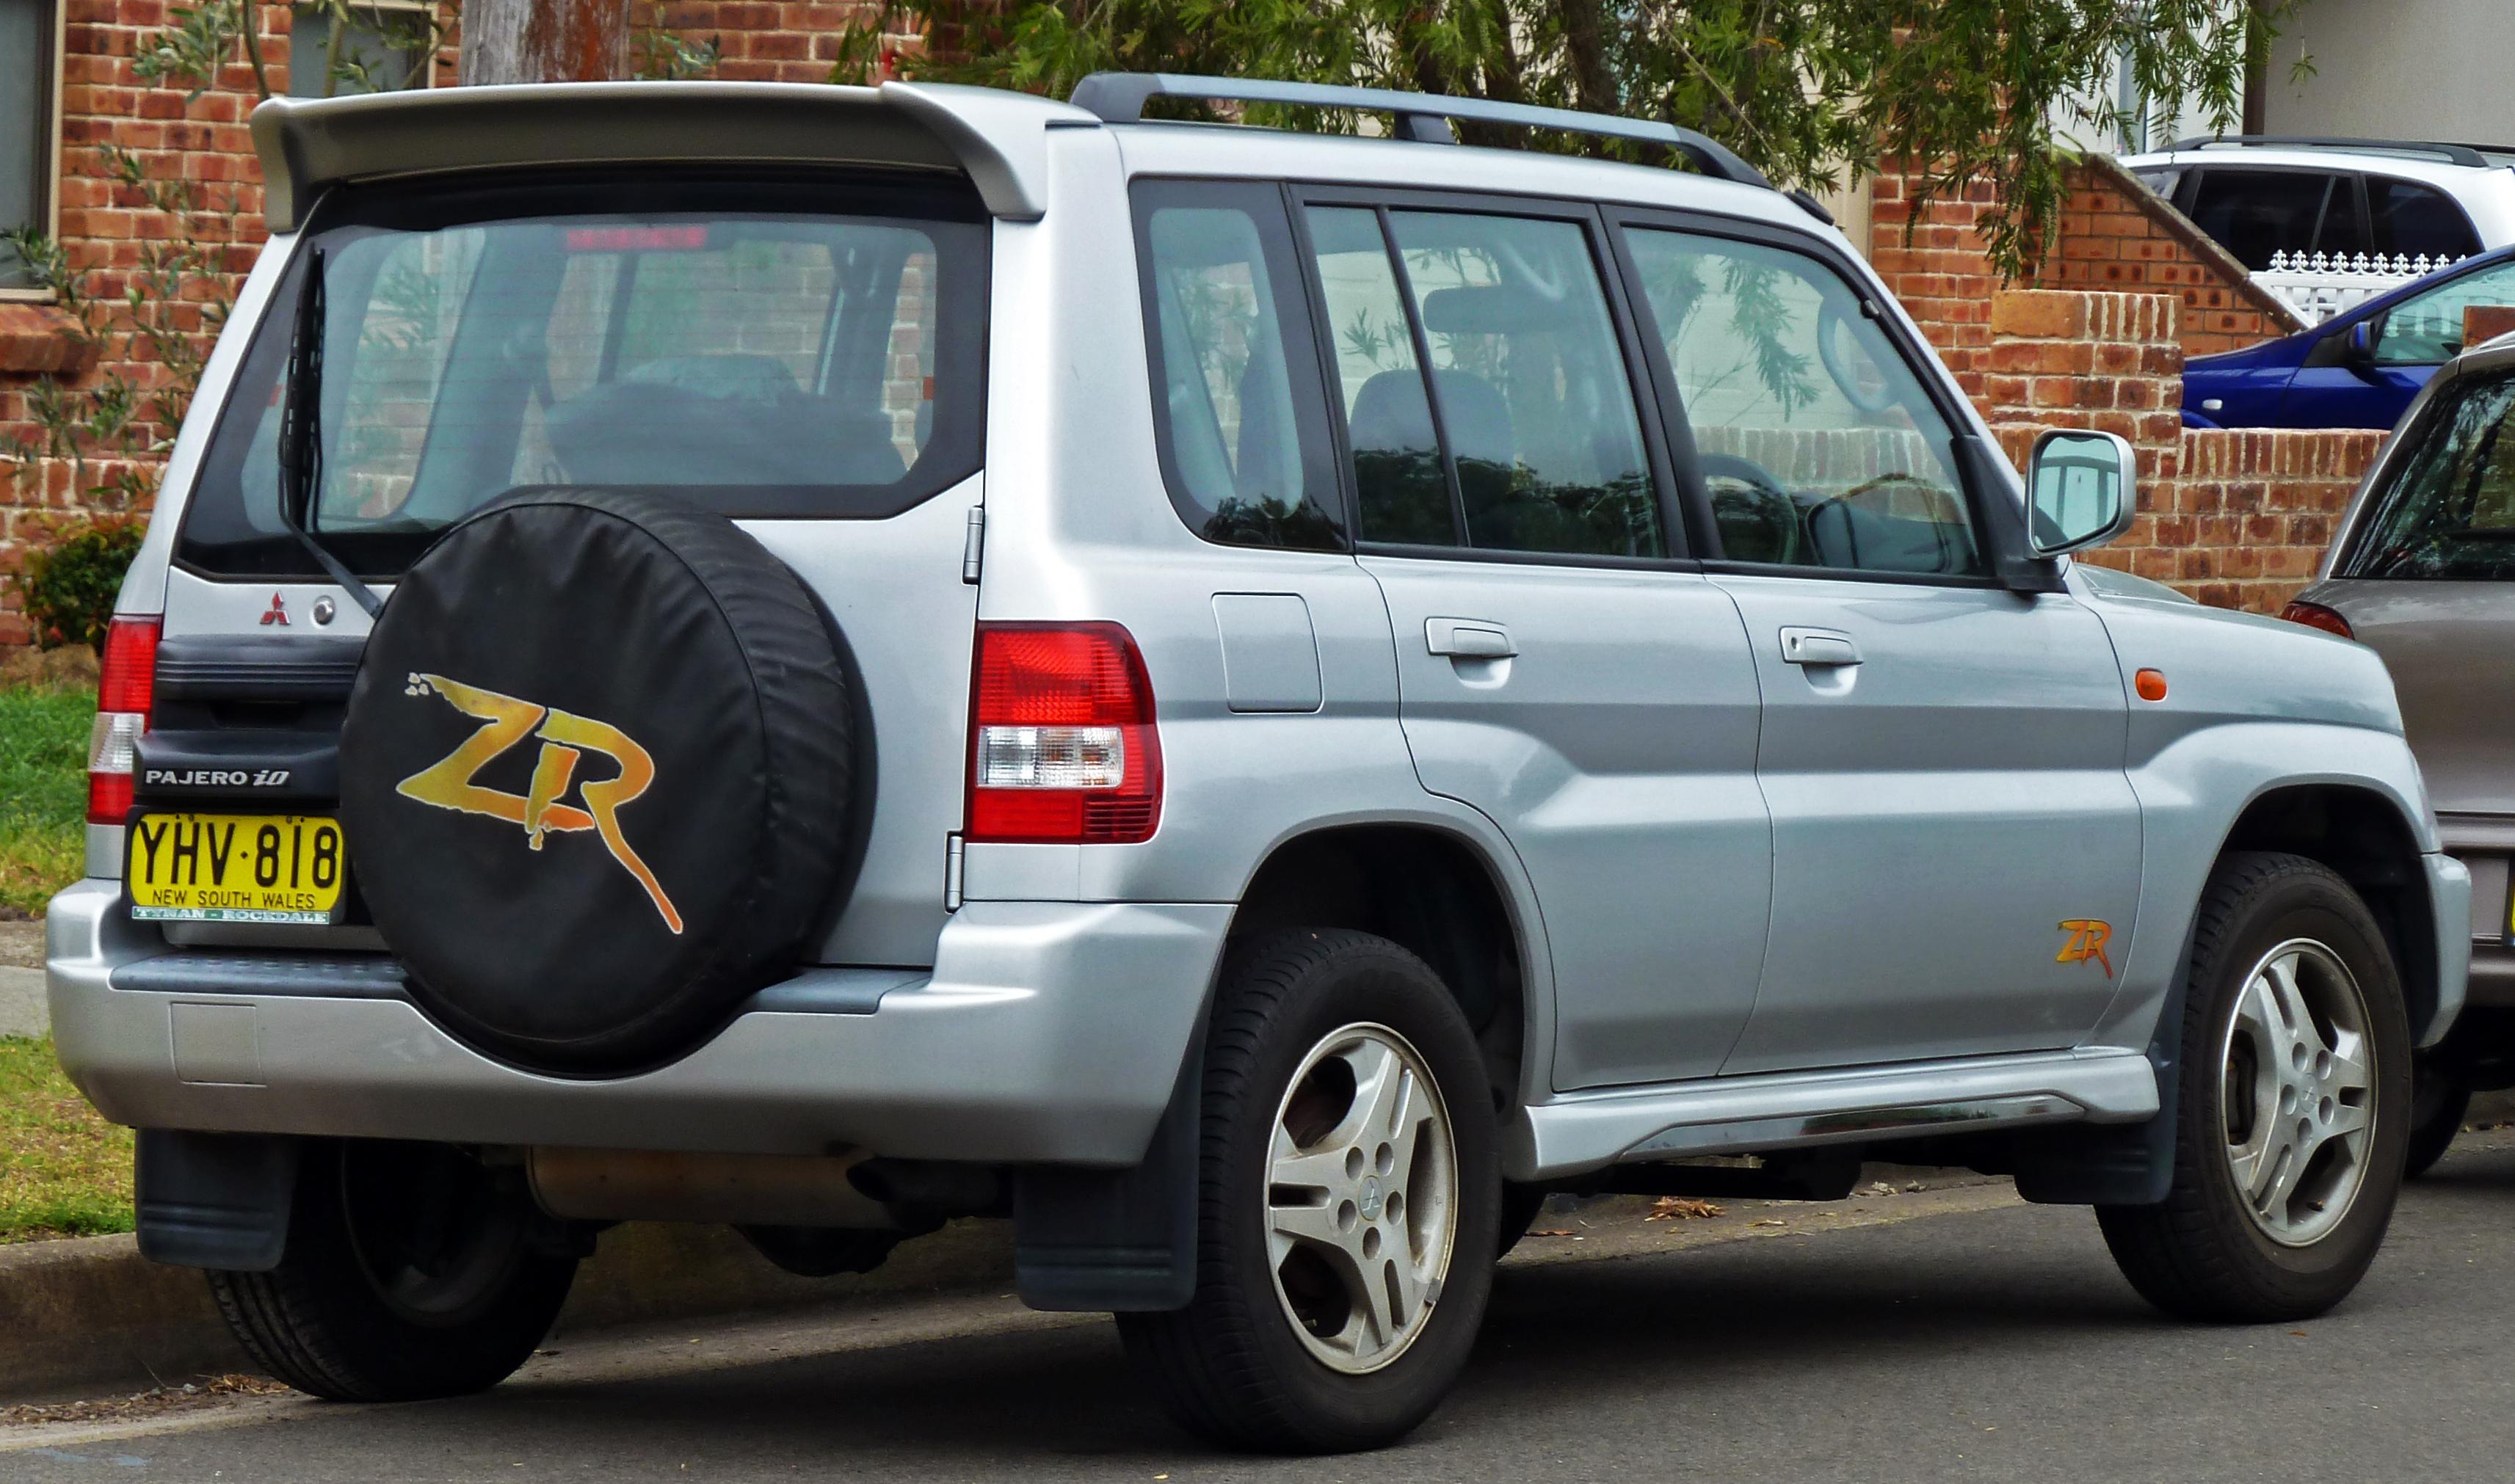 File:2001-2002 Mitsubishi Pajero iO (QA) ZR 5-door wagon